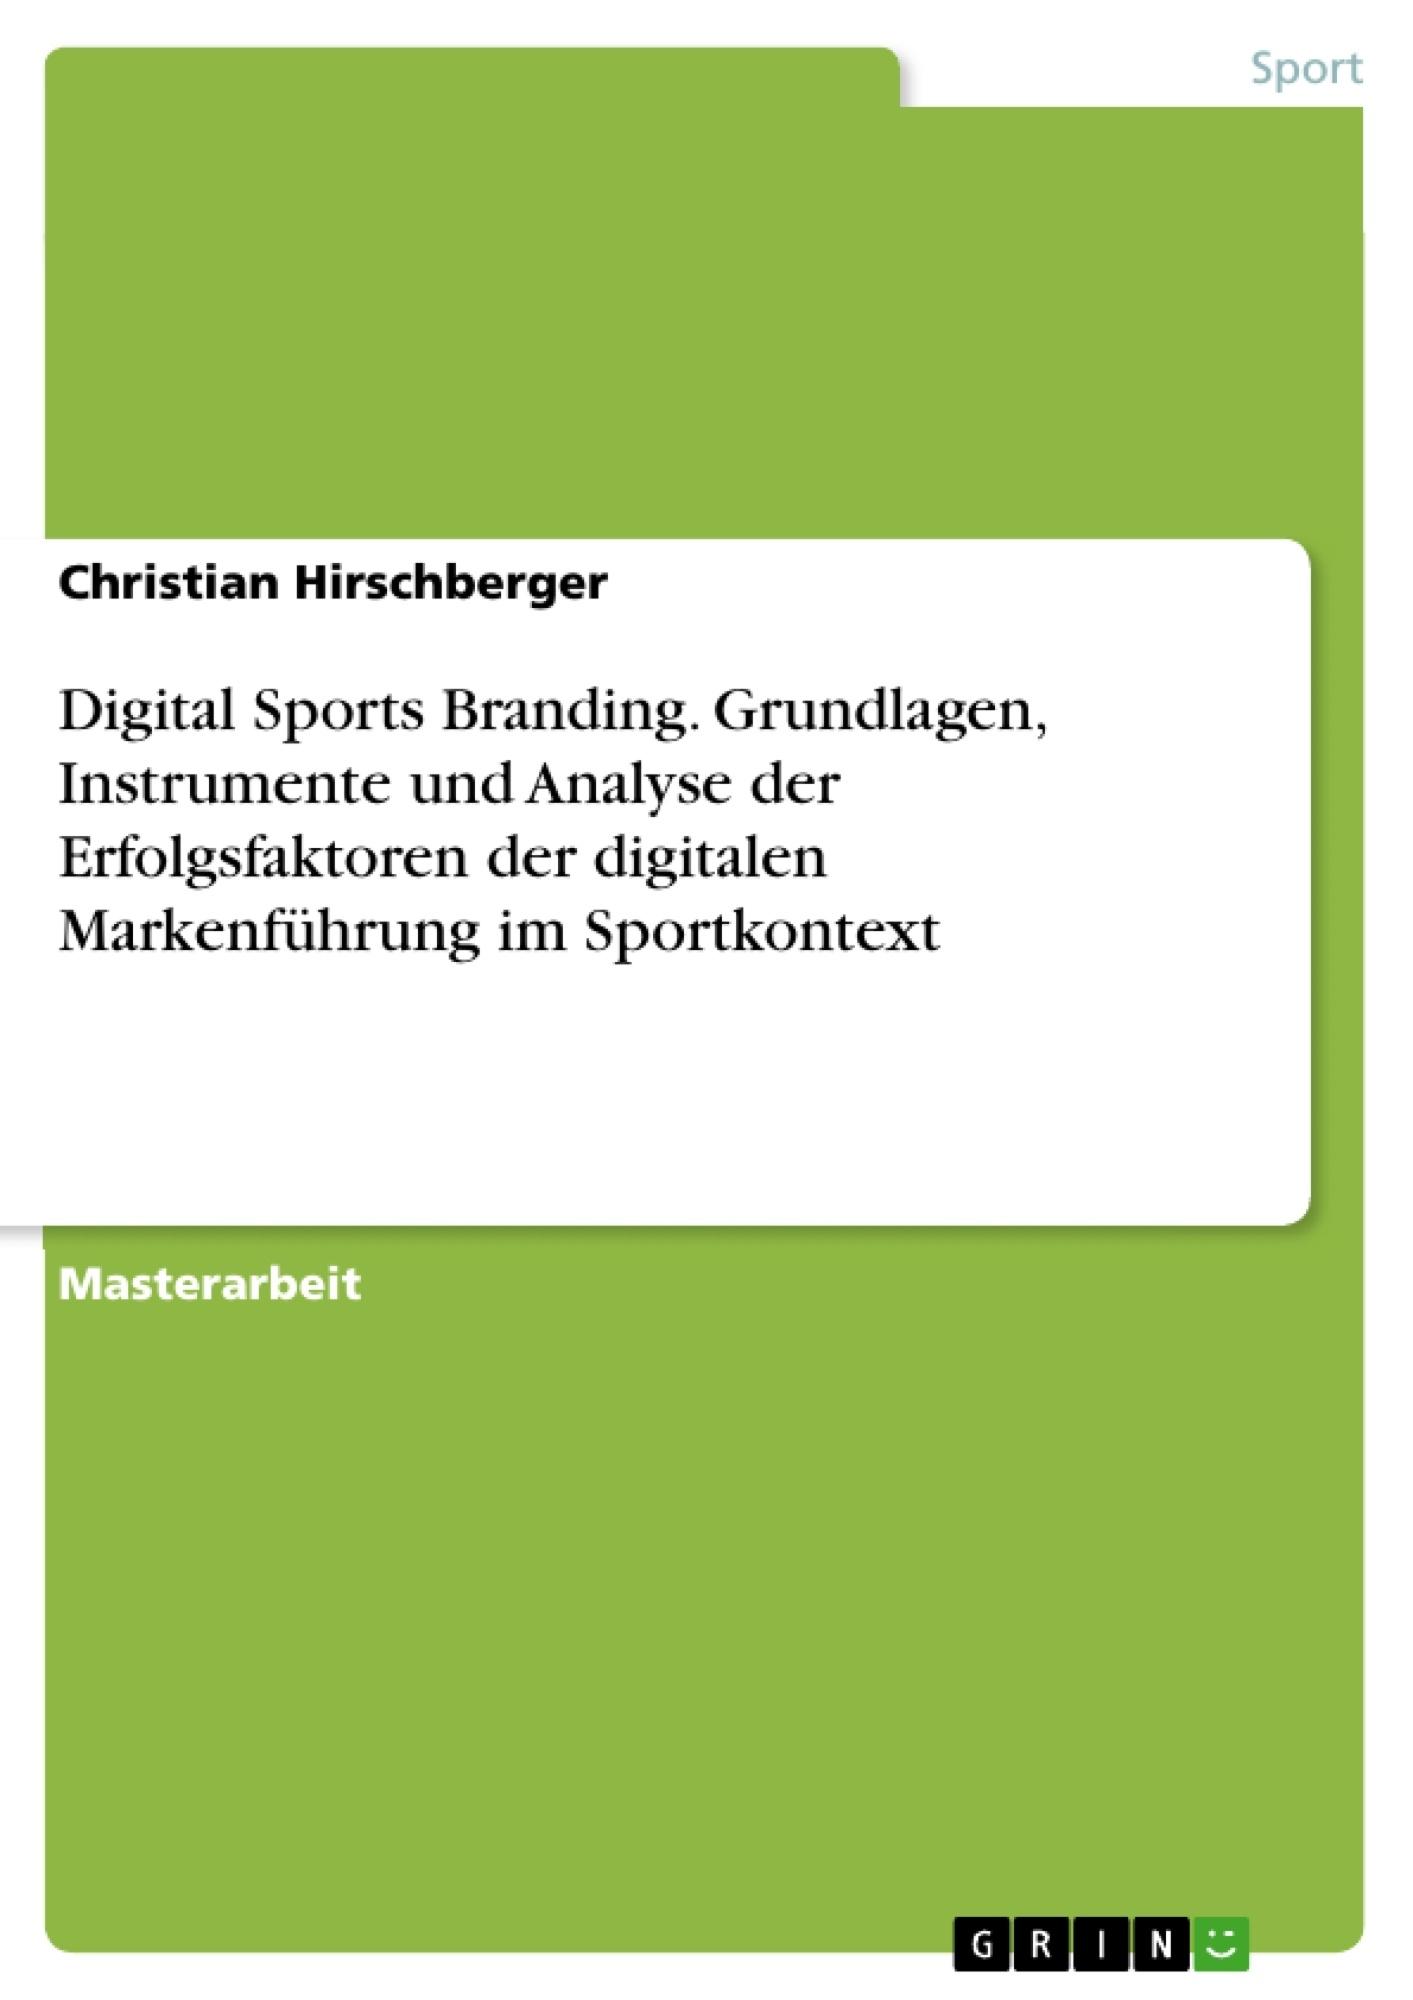 Titel: Digital Sports Branding. Grundlagen, Instrumente und Analyse der Erfolgsfaktoren der digitalen Markenführung im Sportkontext